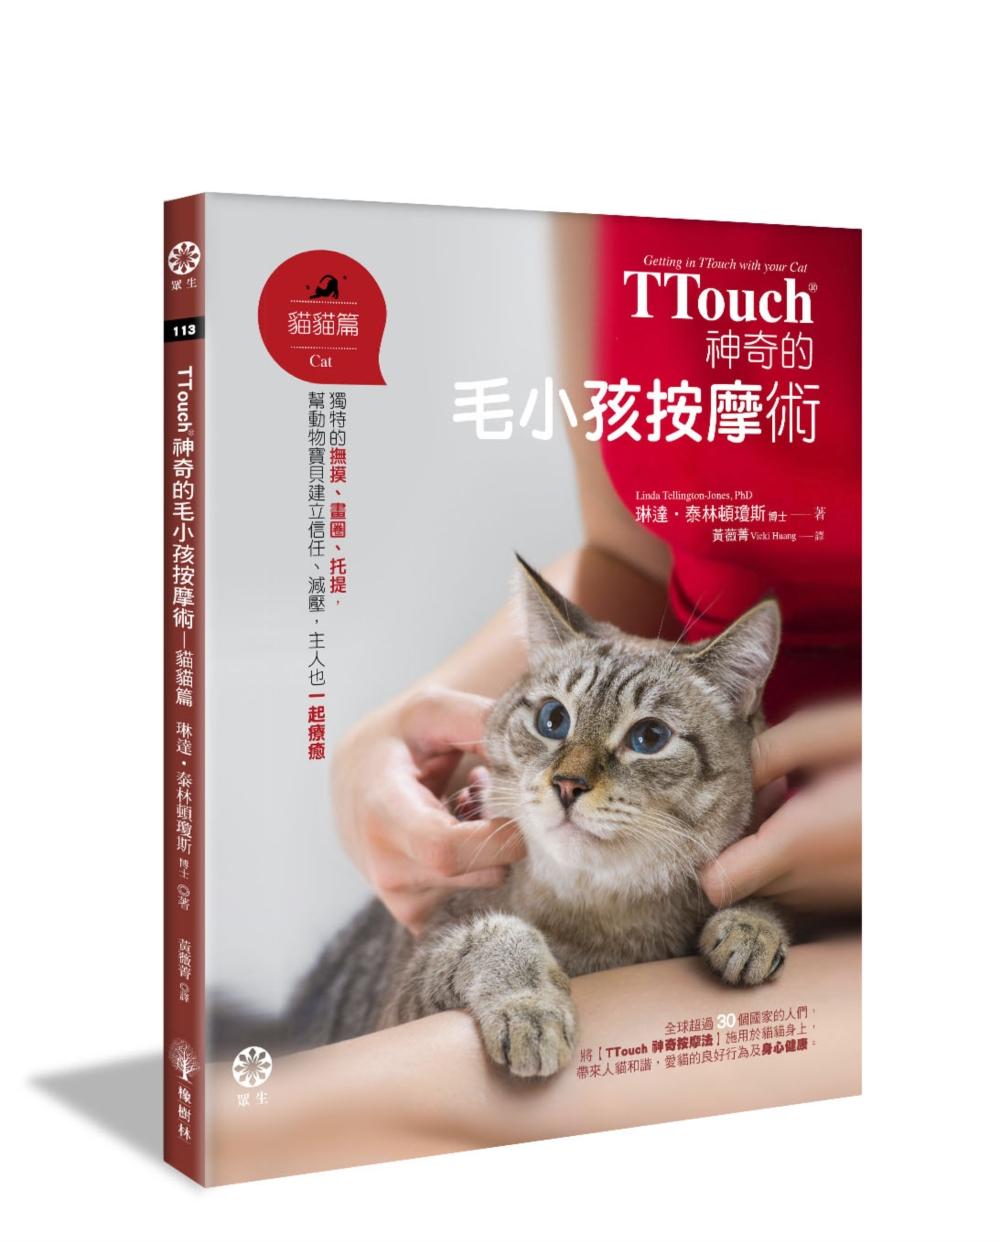 TTouch神奇的毛小孩按摩術—貓貓篇:獨特的撫摸、畫圈、托提,幫動物寶貝建立信任、減壓,主人也一起療癒